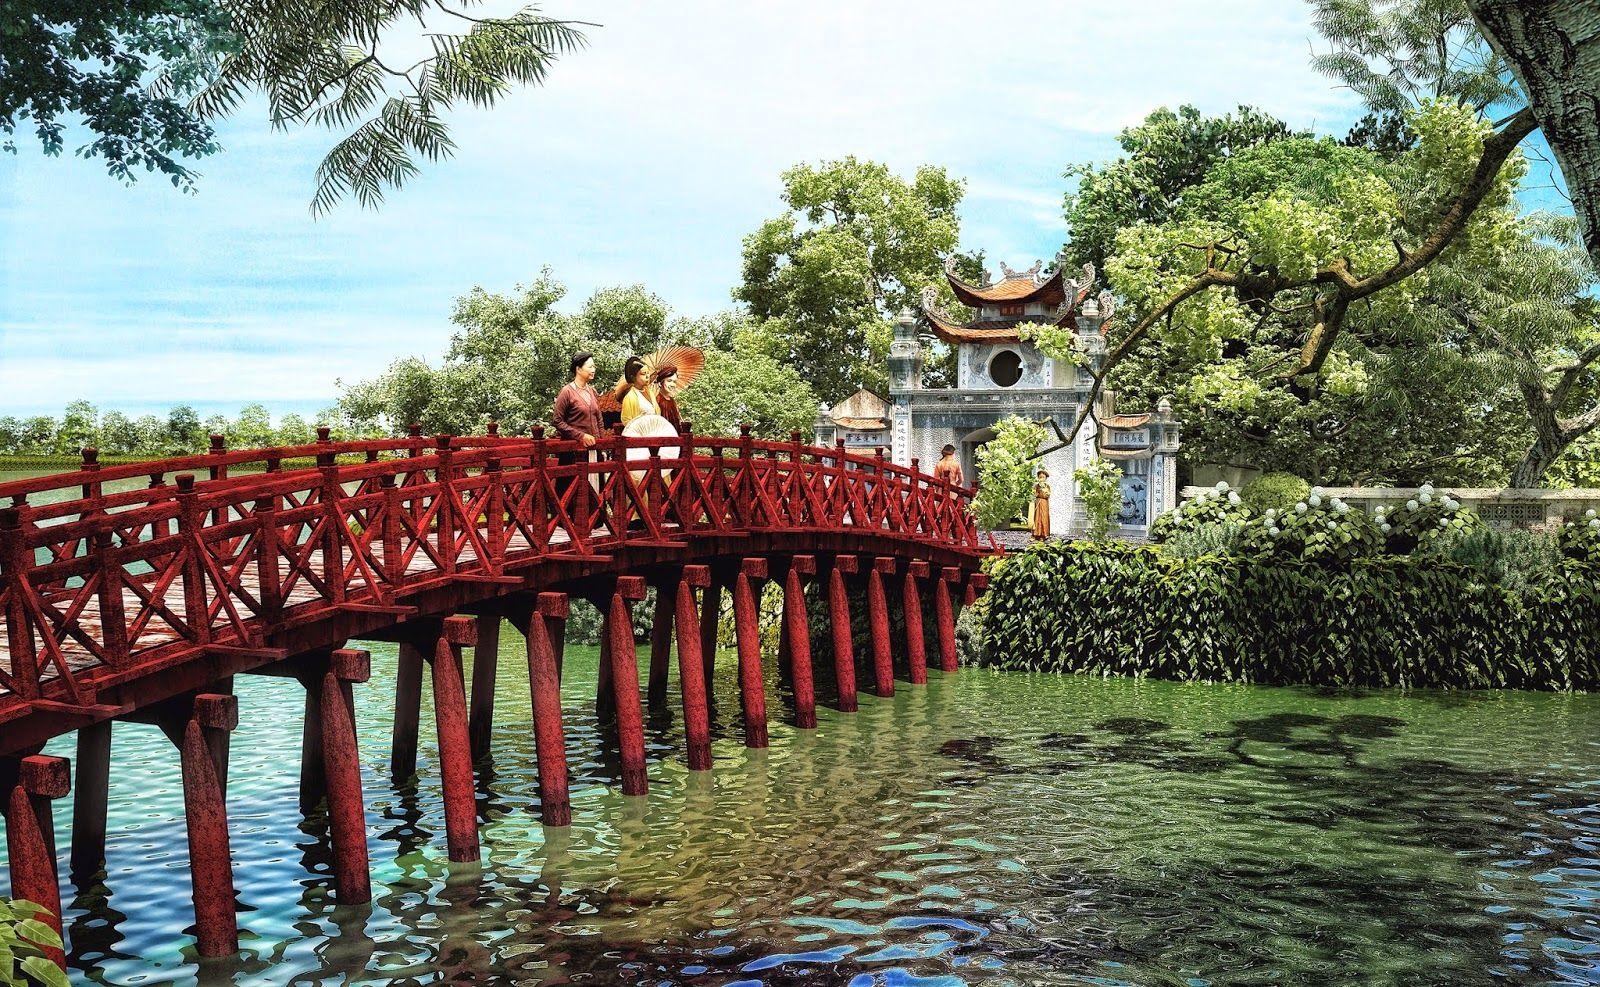 Hình ảnh đền Ngọc Sơn Hà Nội đẹp